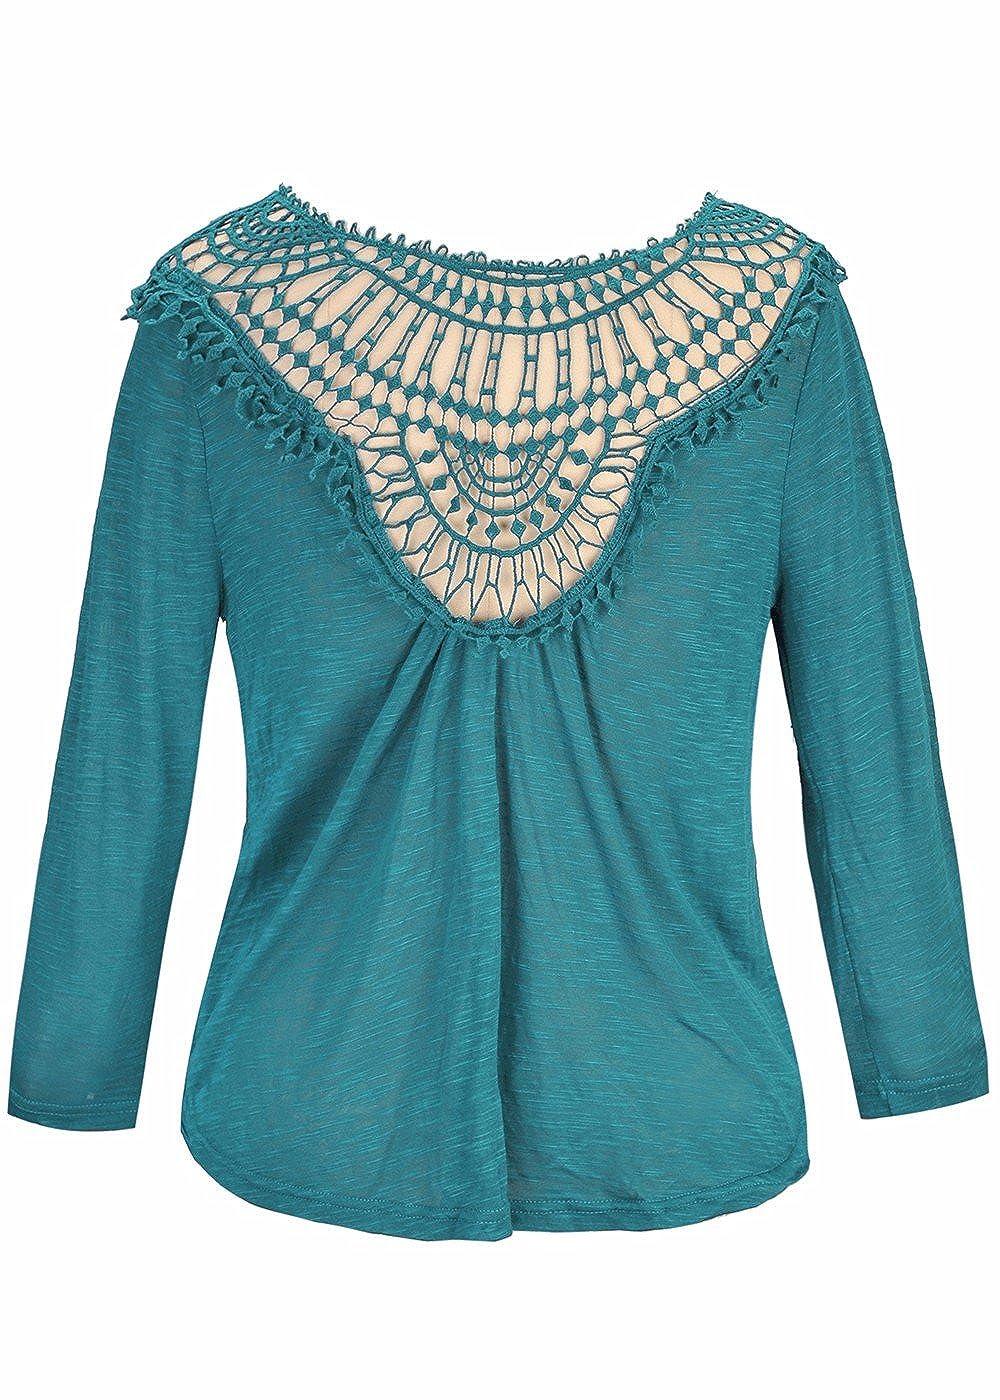 Las camisetas de manga larga cortadas del cuello atractivo para mujer de O forman las camisetas ocasionales: Amazon.es: Ropa y accesorios